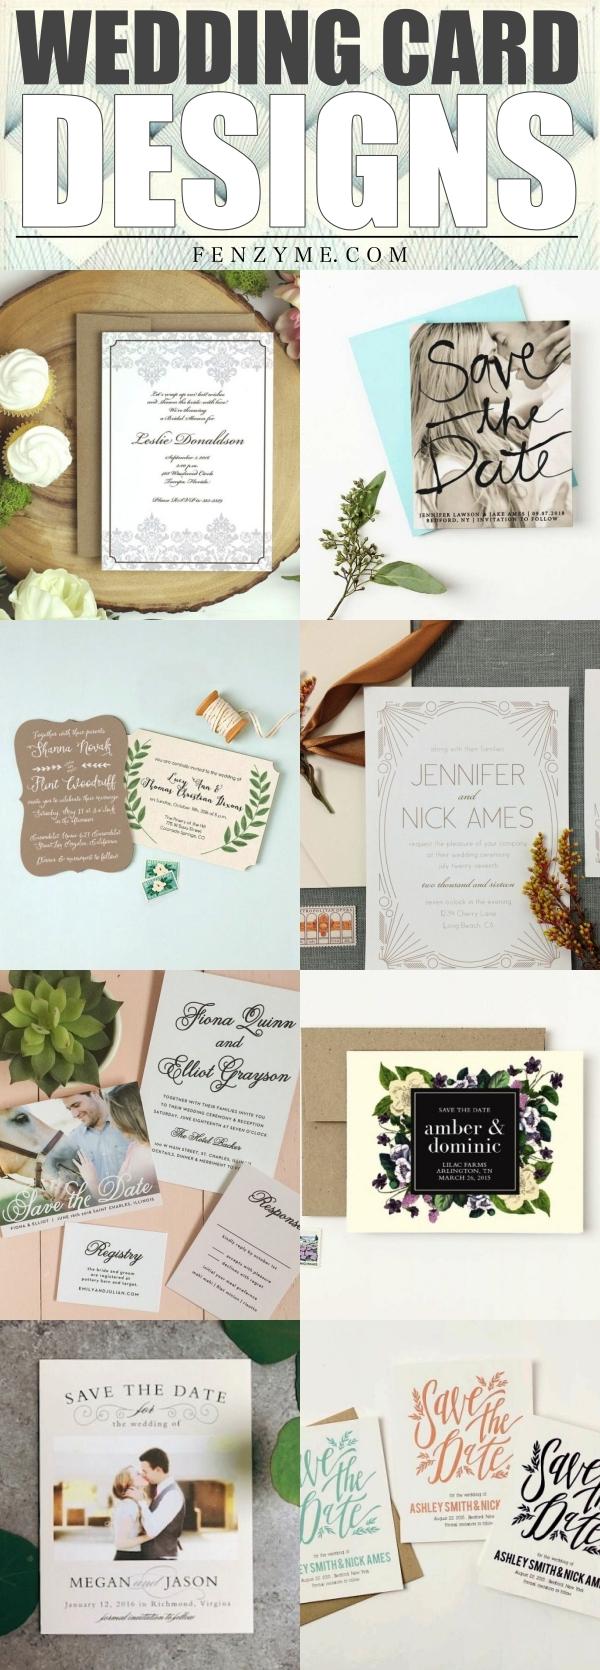 Wedding Card Designs1